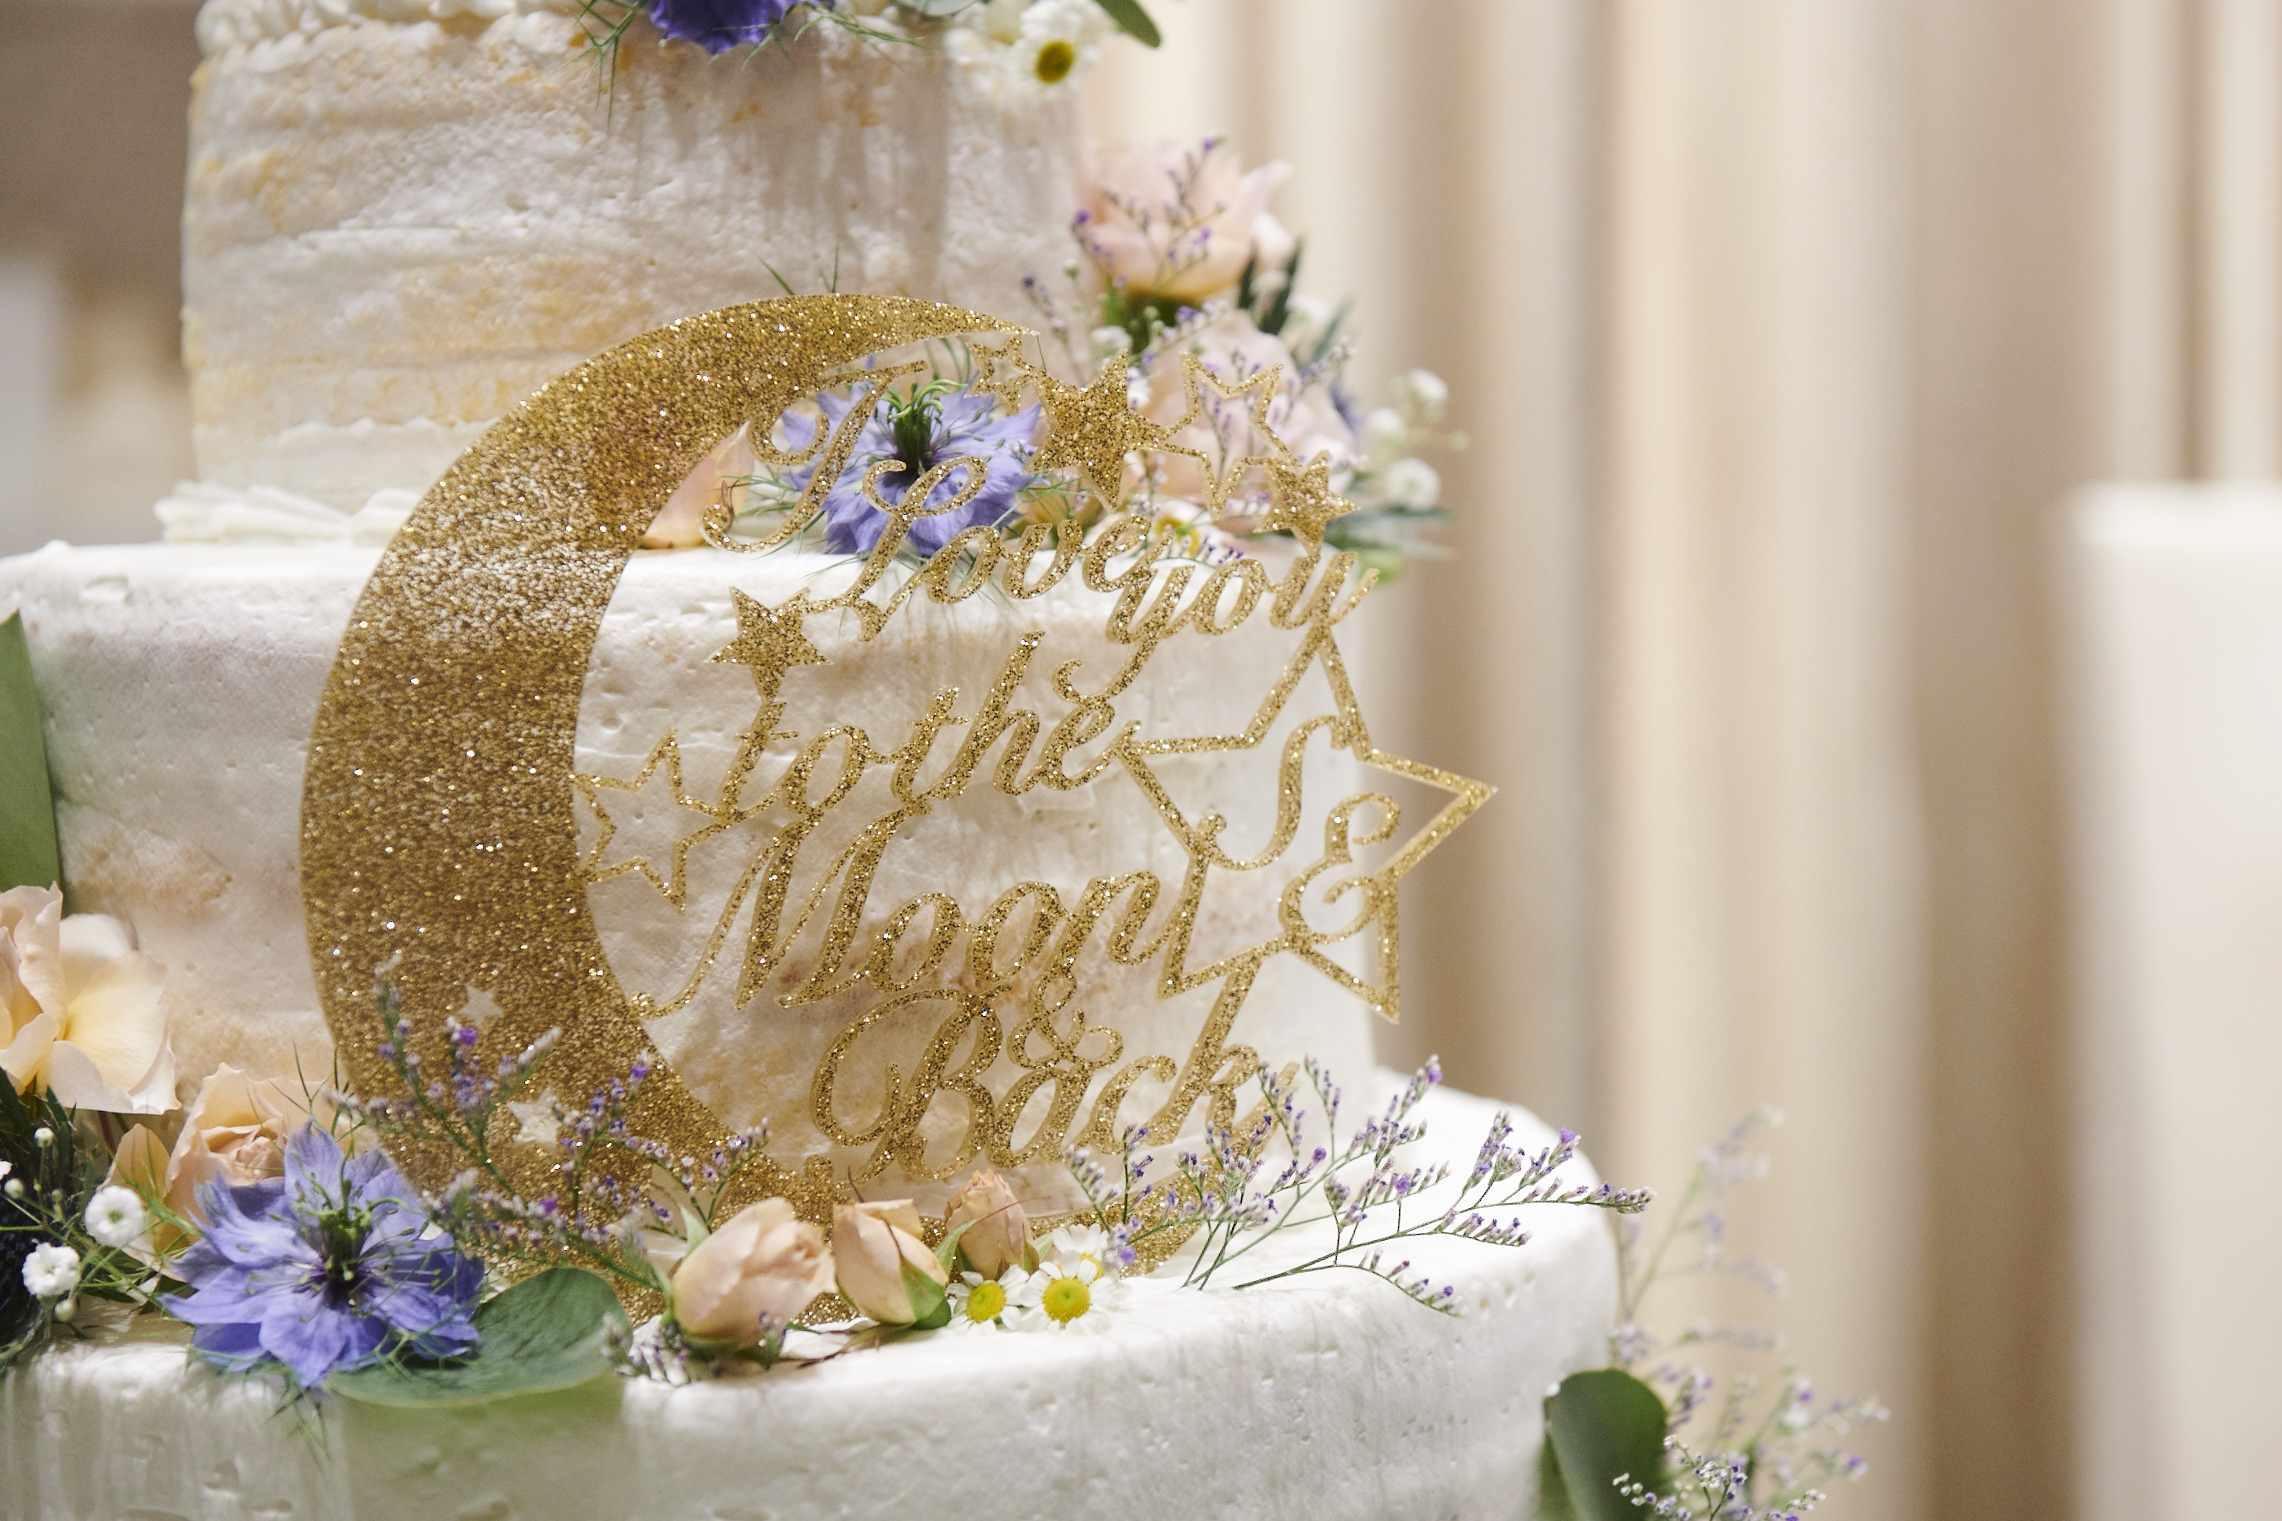 徳島氏の結婚式場ブランアンジュで新婦様の大好きだったセーラームーンのケーキ装飾